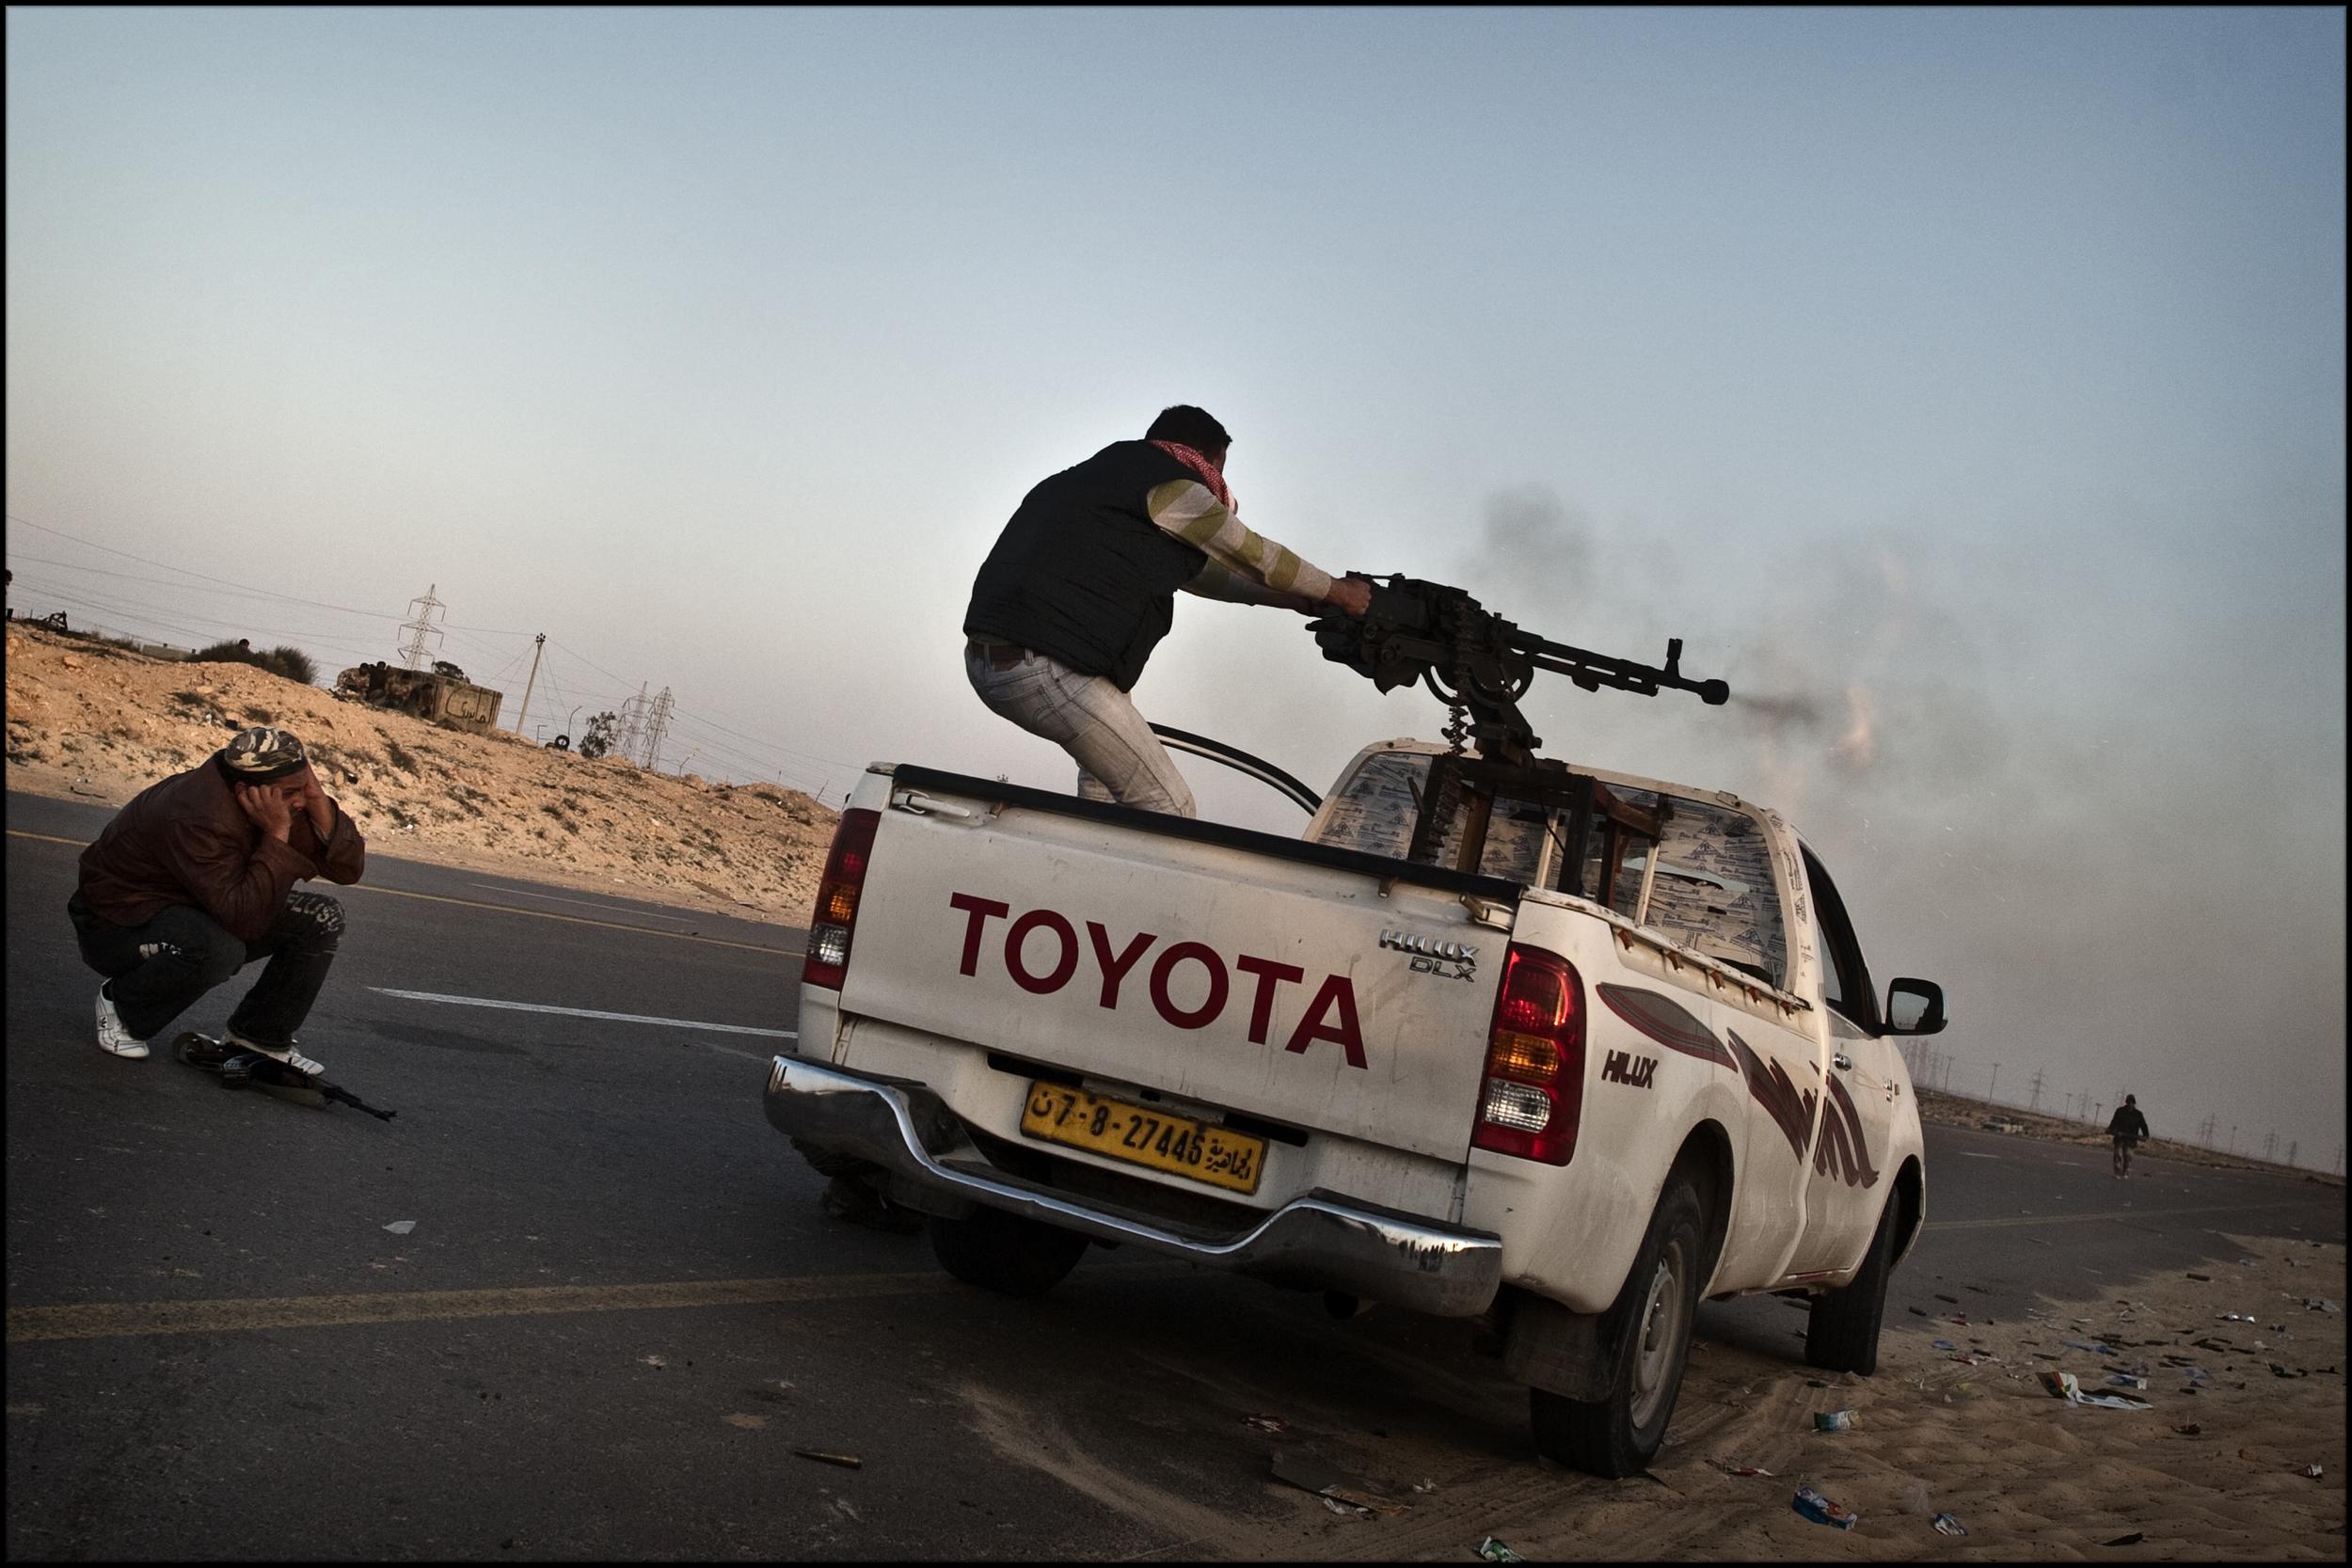 OCHLIK_LIBYA_WAR011.JPG